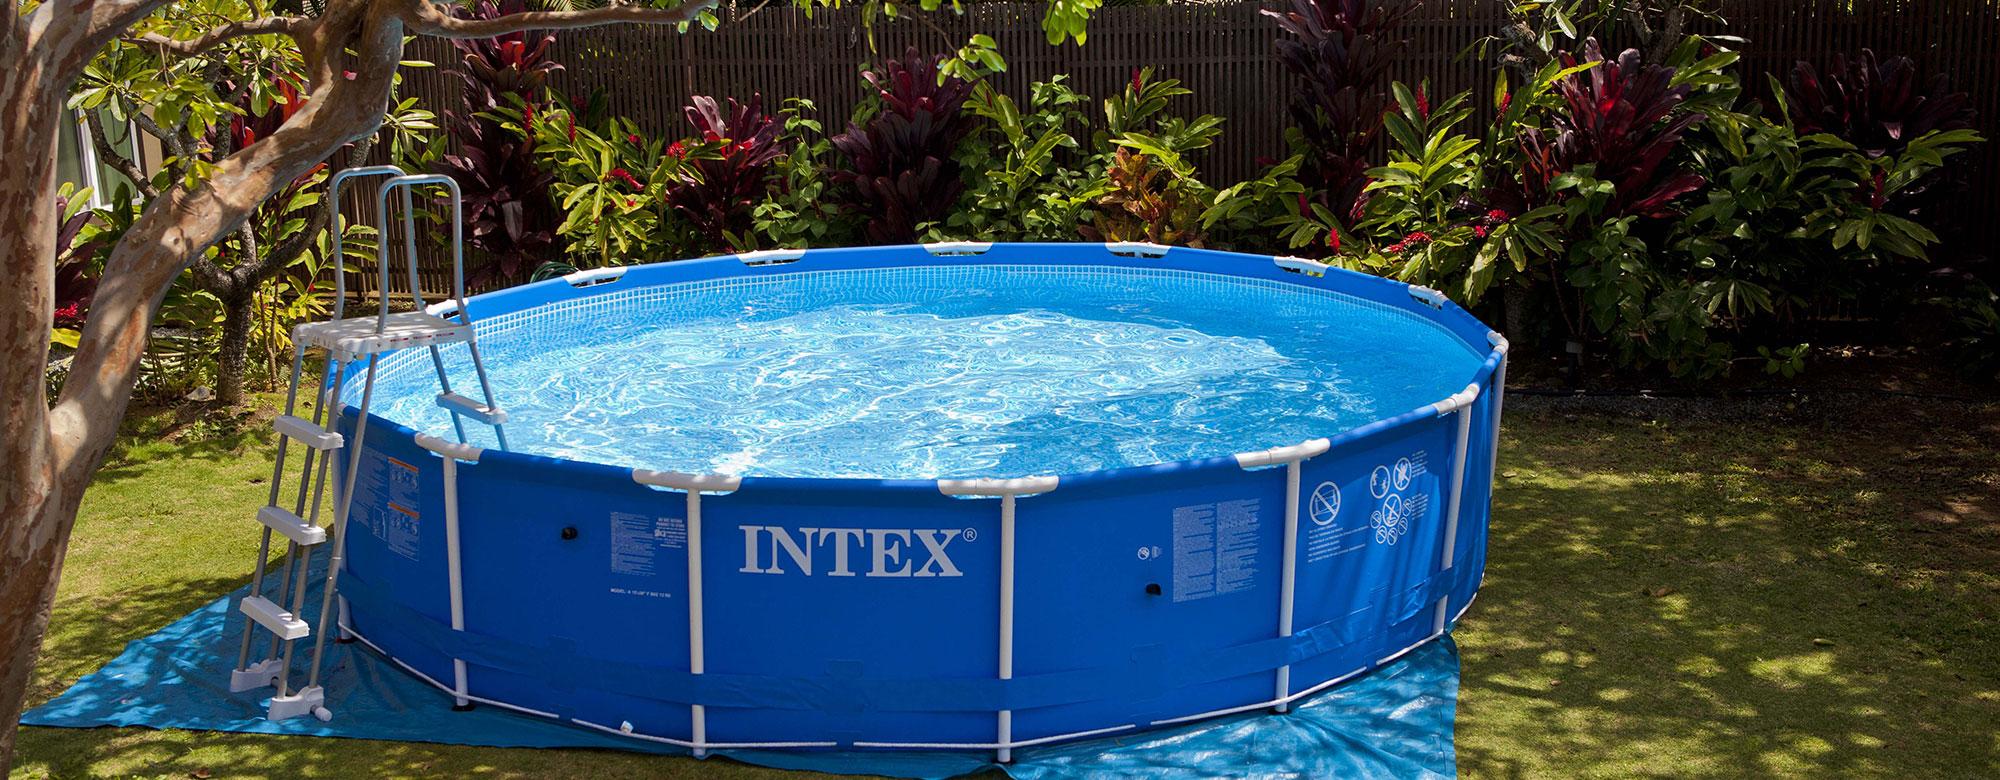 Comment connaitre la dimension exacte de ma piscine ?